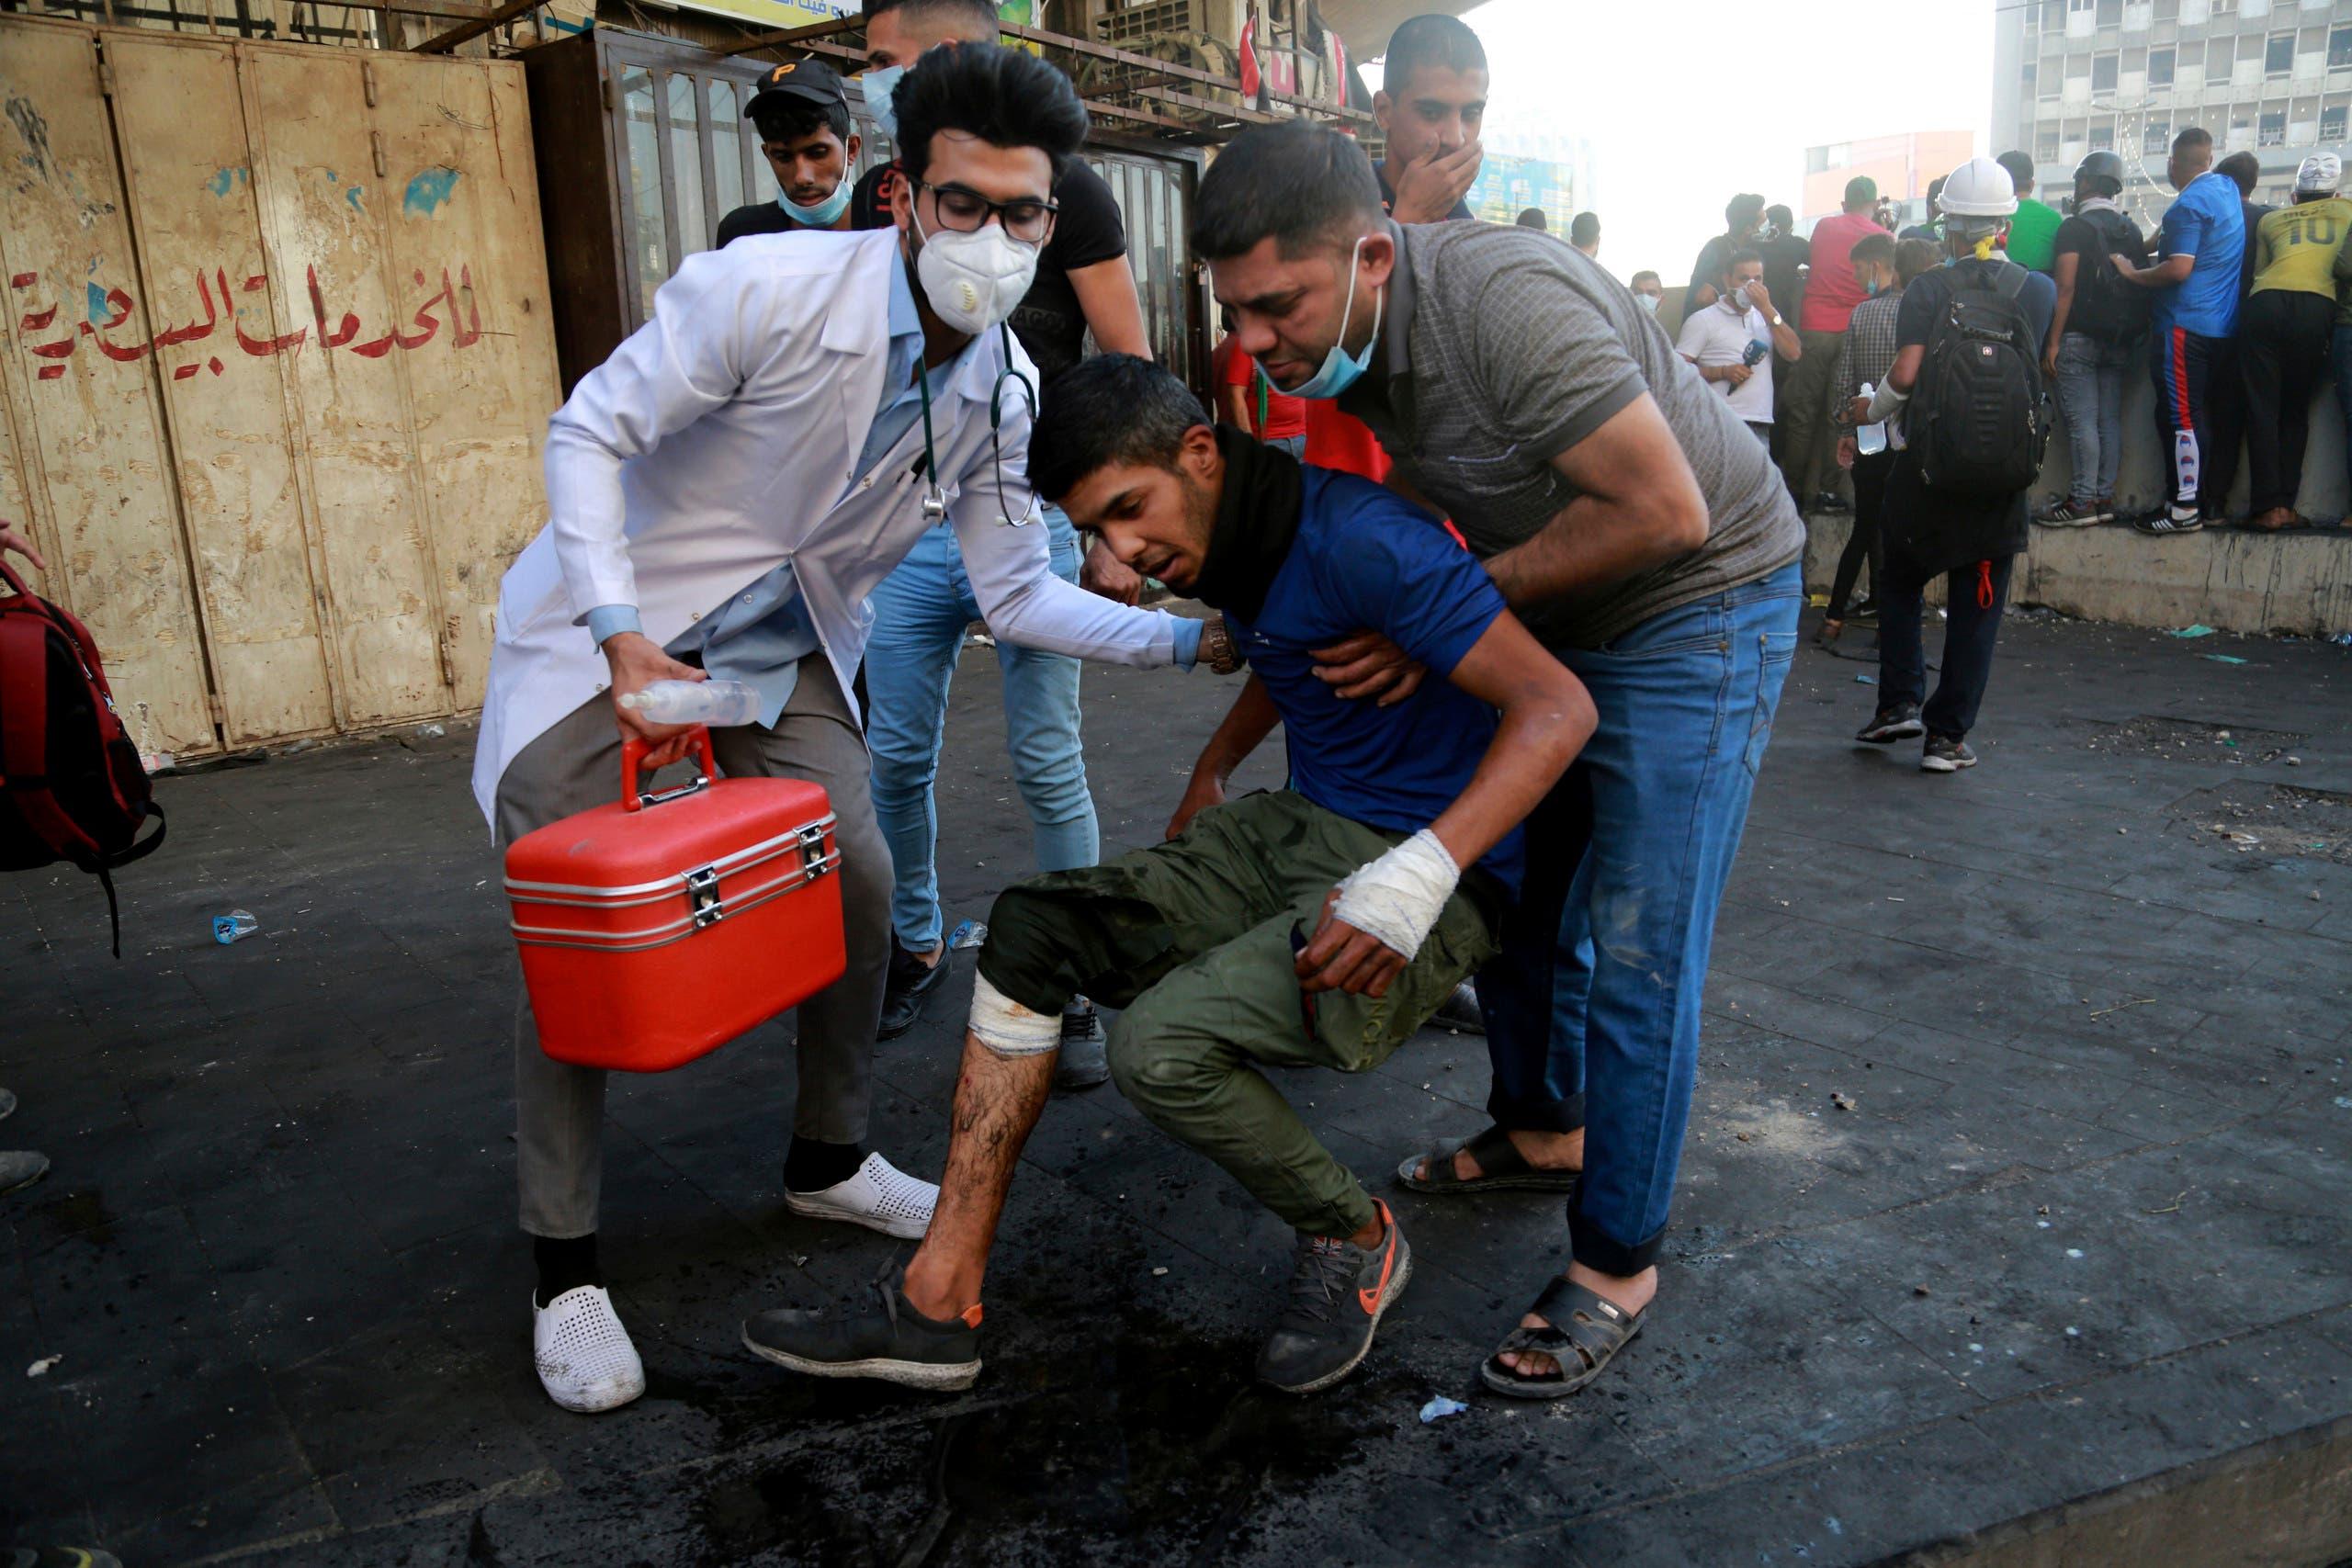 العراق 11 نوفمبر اسوشيتد برس